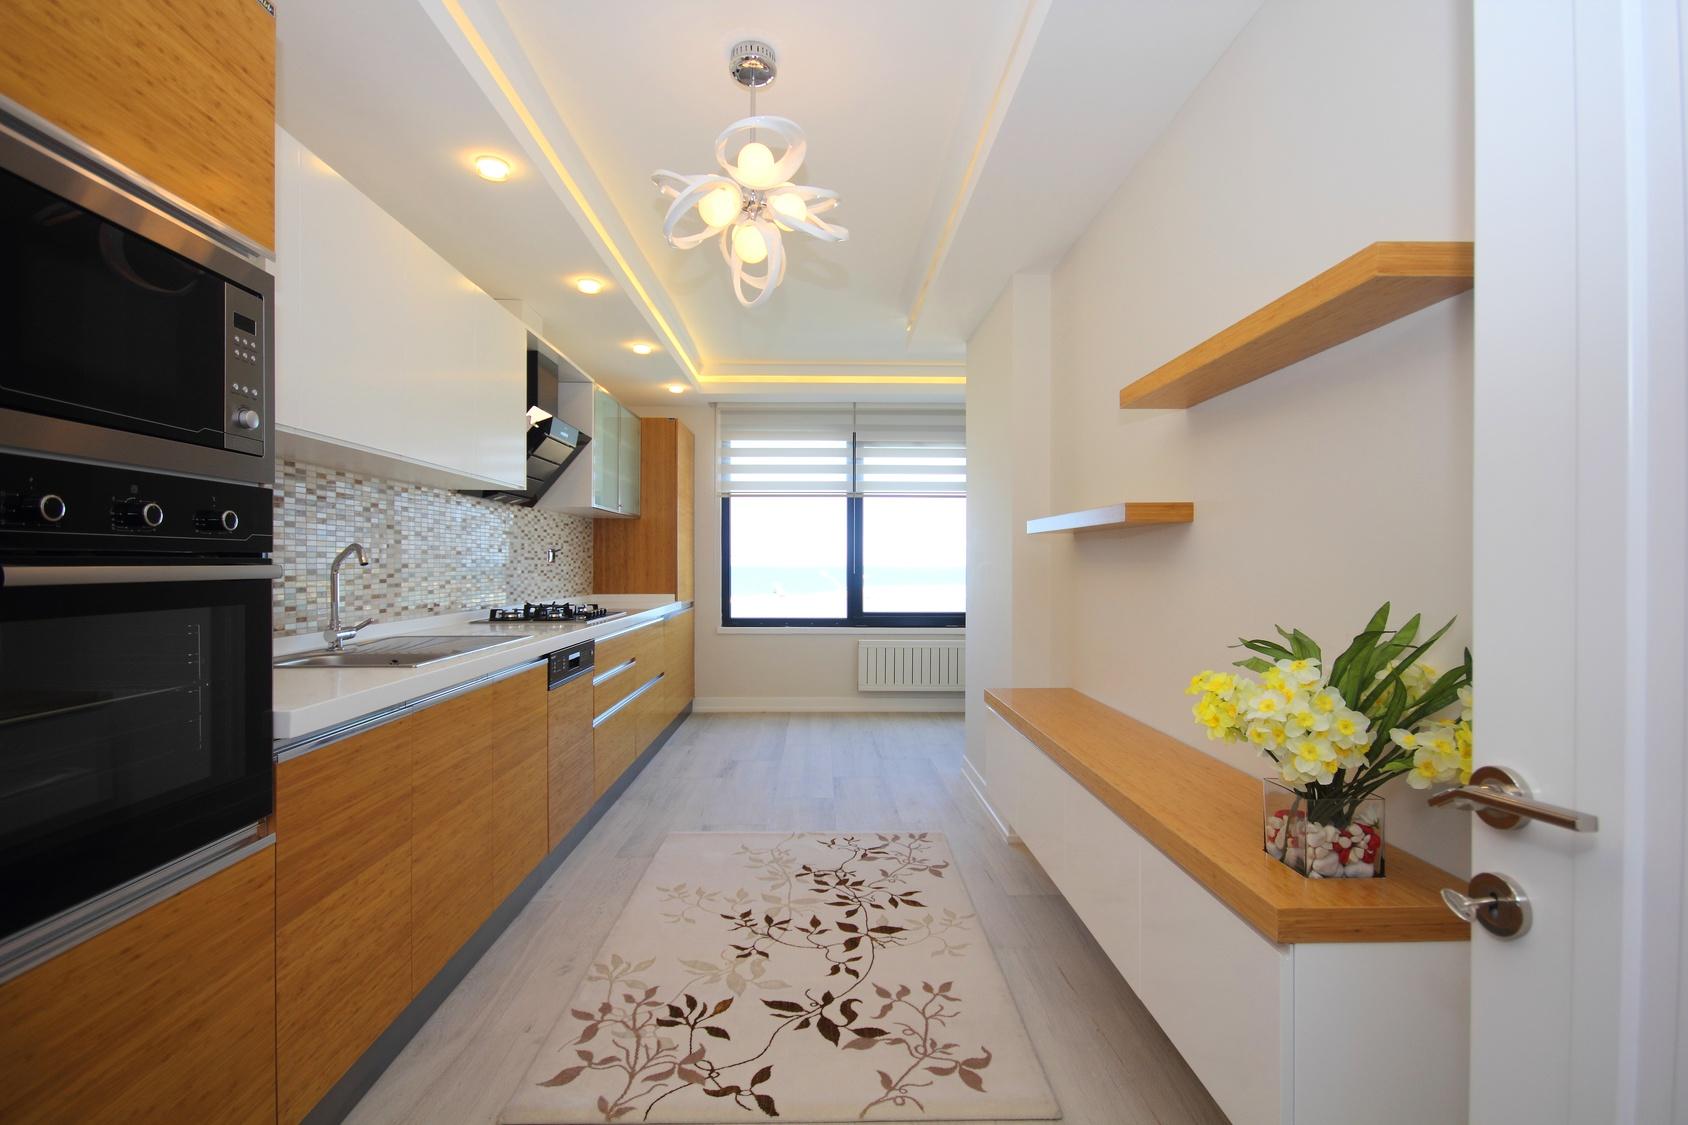 C mo aprovechar los espacios peque os en tu hogar hola for Aprovechar espacios pequenos